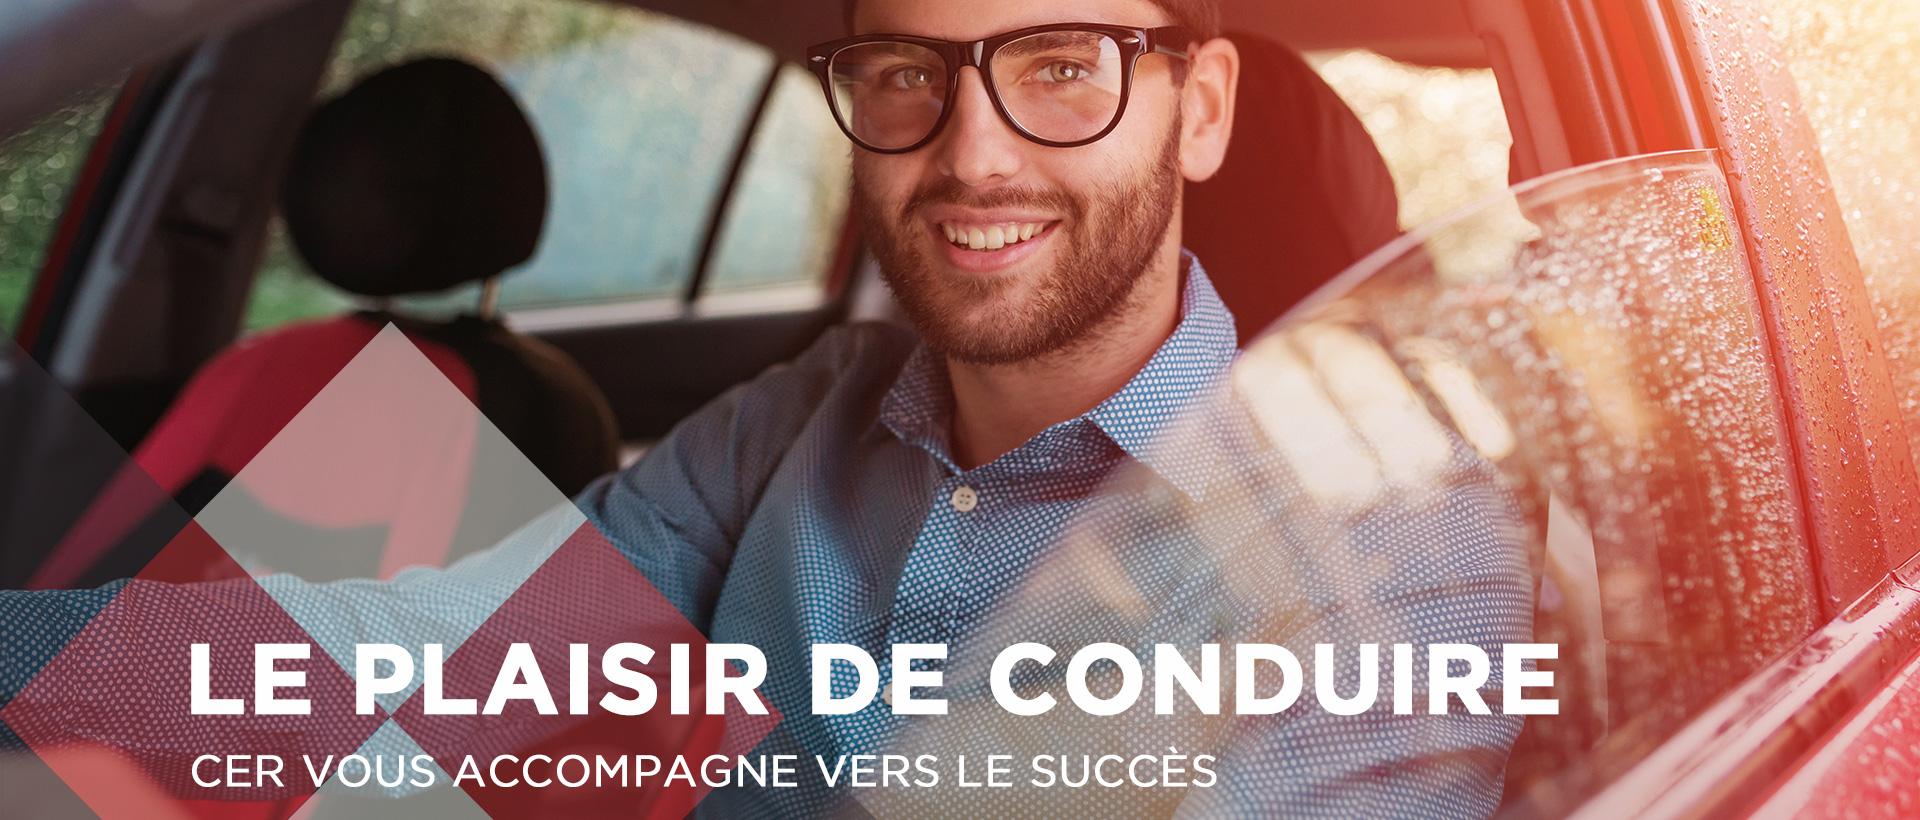 CER - Le plaisir de conduire - CER vous accompagne vers le succès